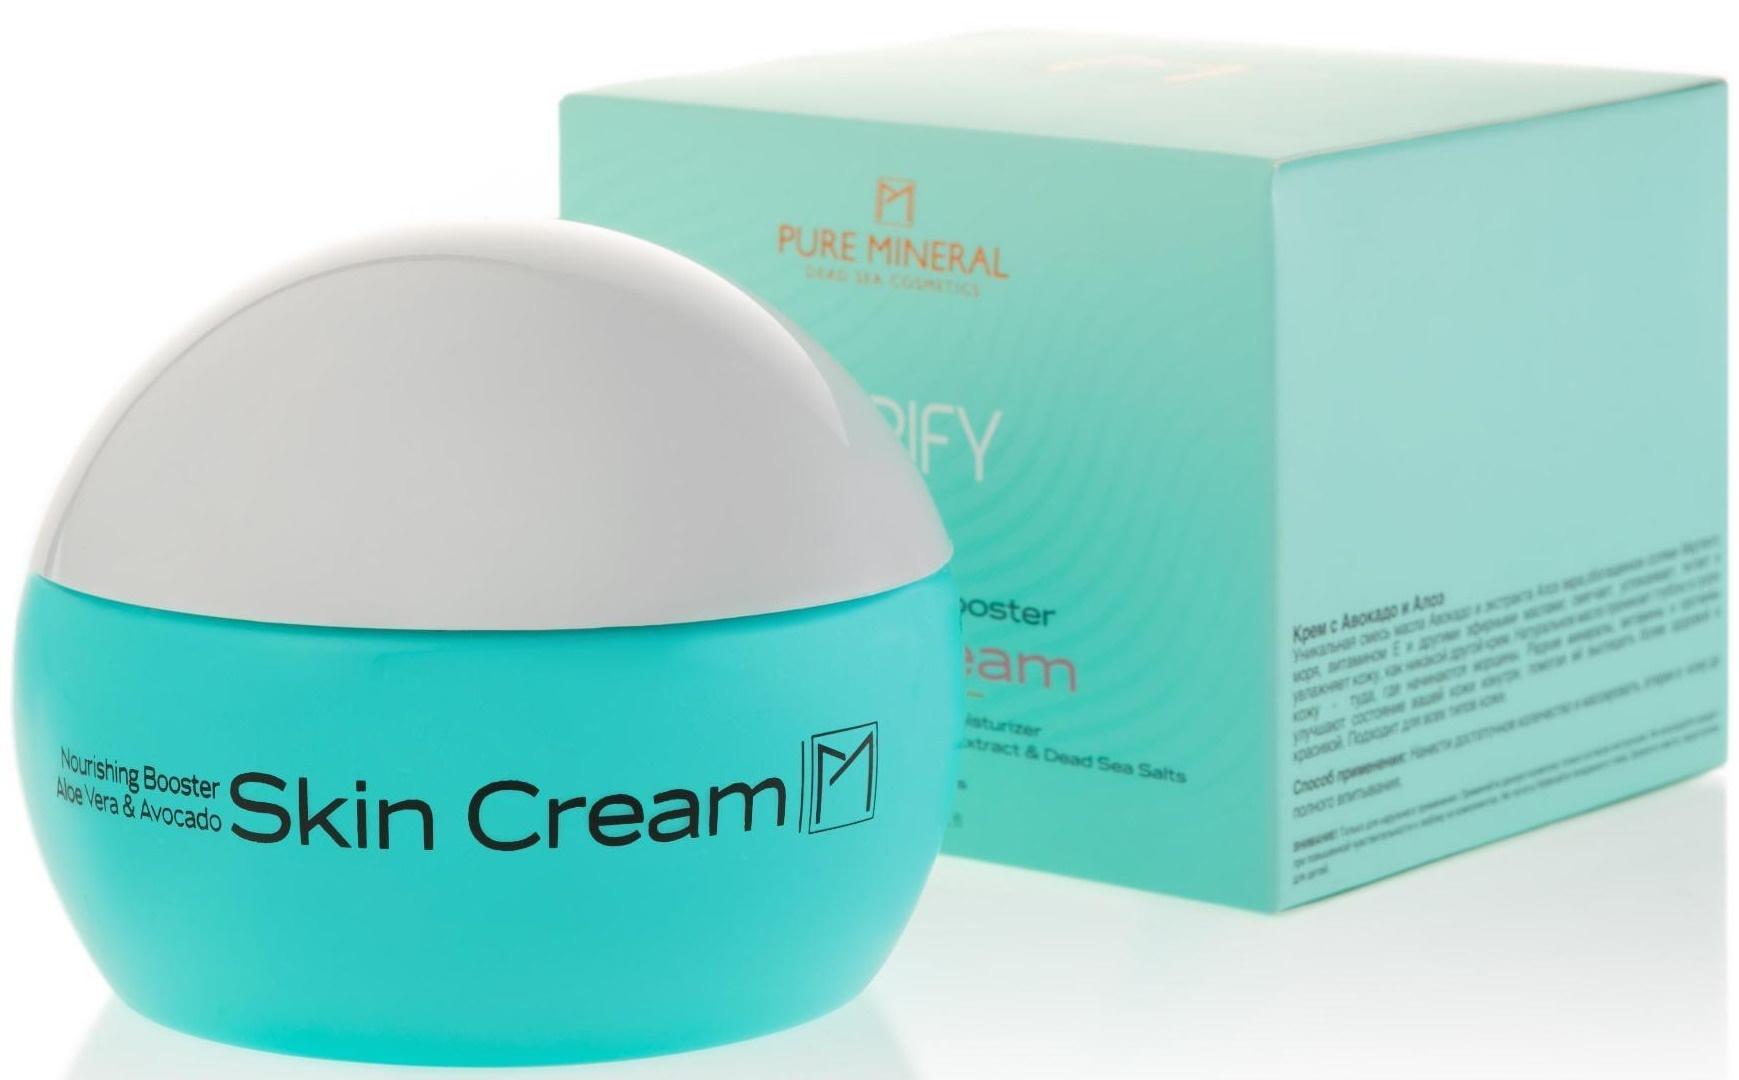 Pure Mineral Skin Cream Nourishing Booster Aloe Vera & Avocado